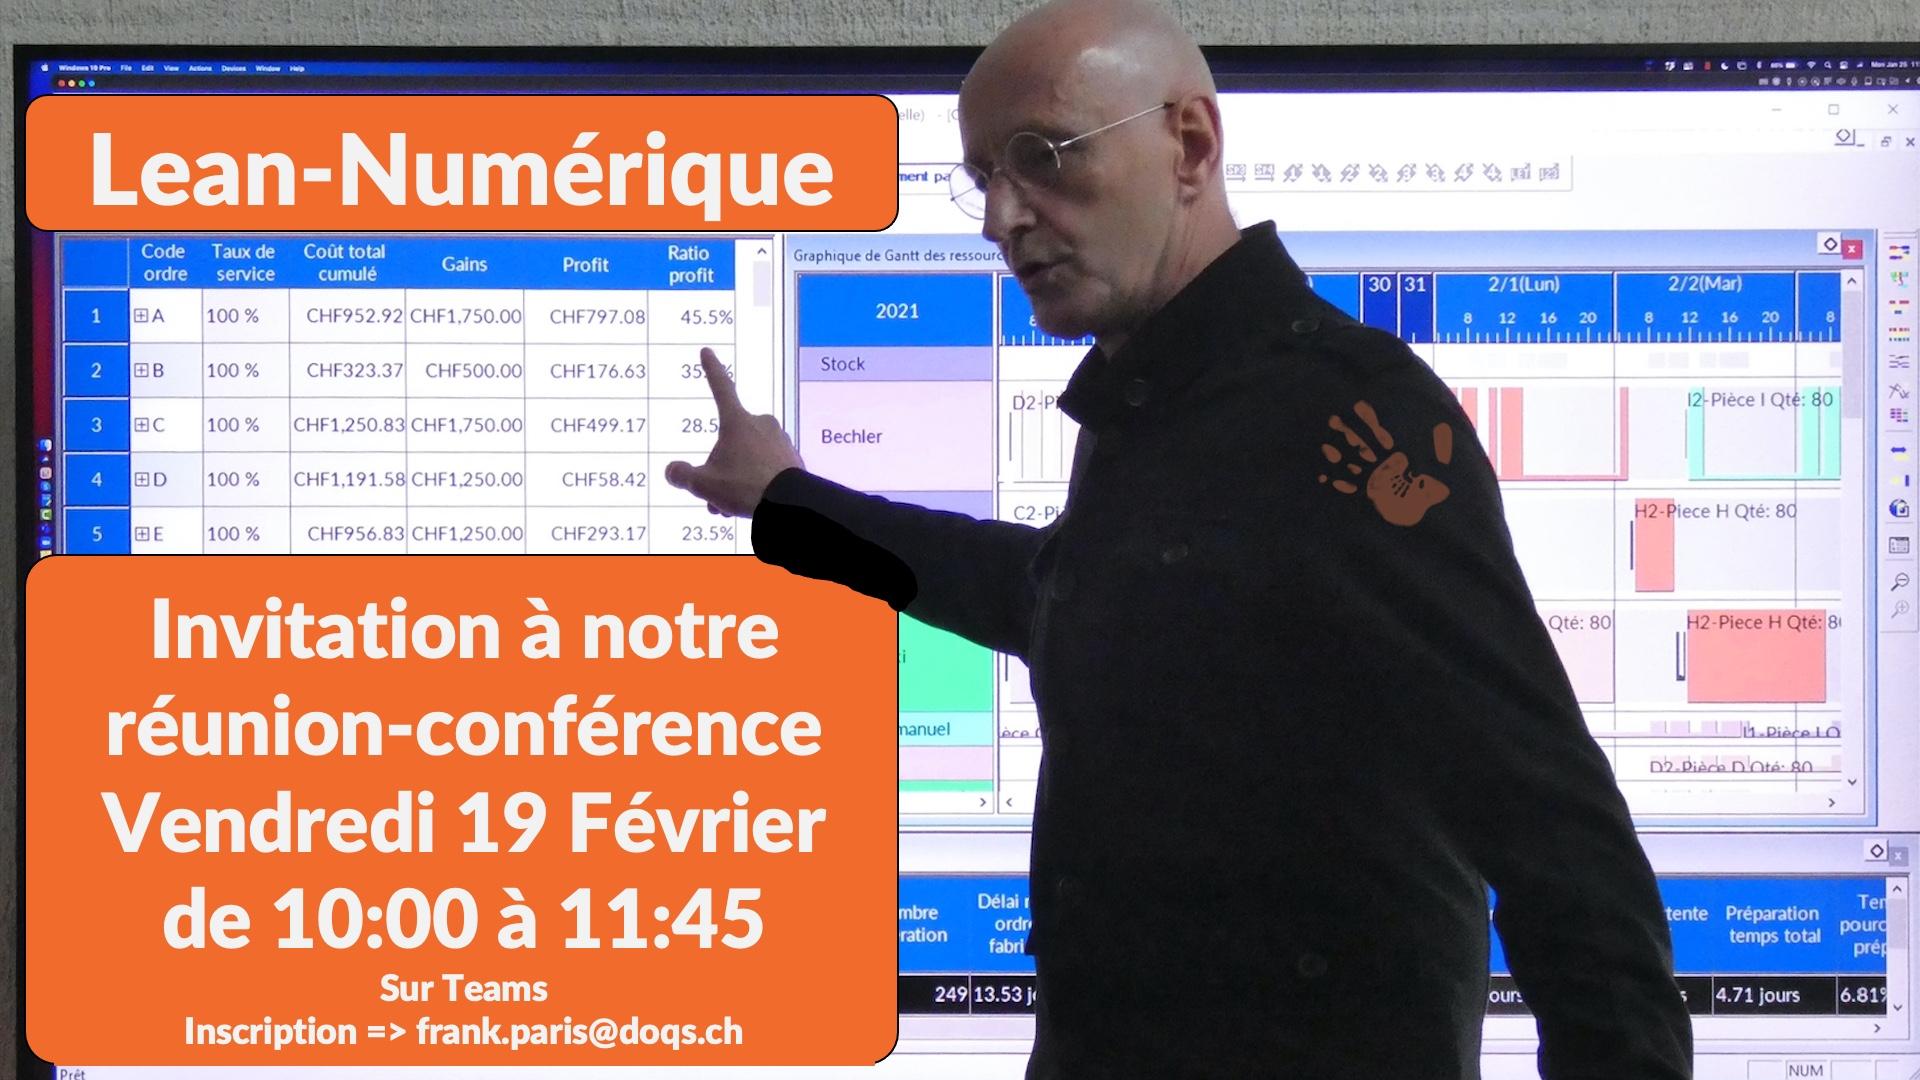 Invitation Réunion-Conférence le 19 Février